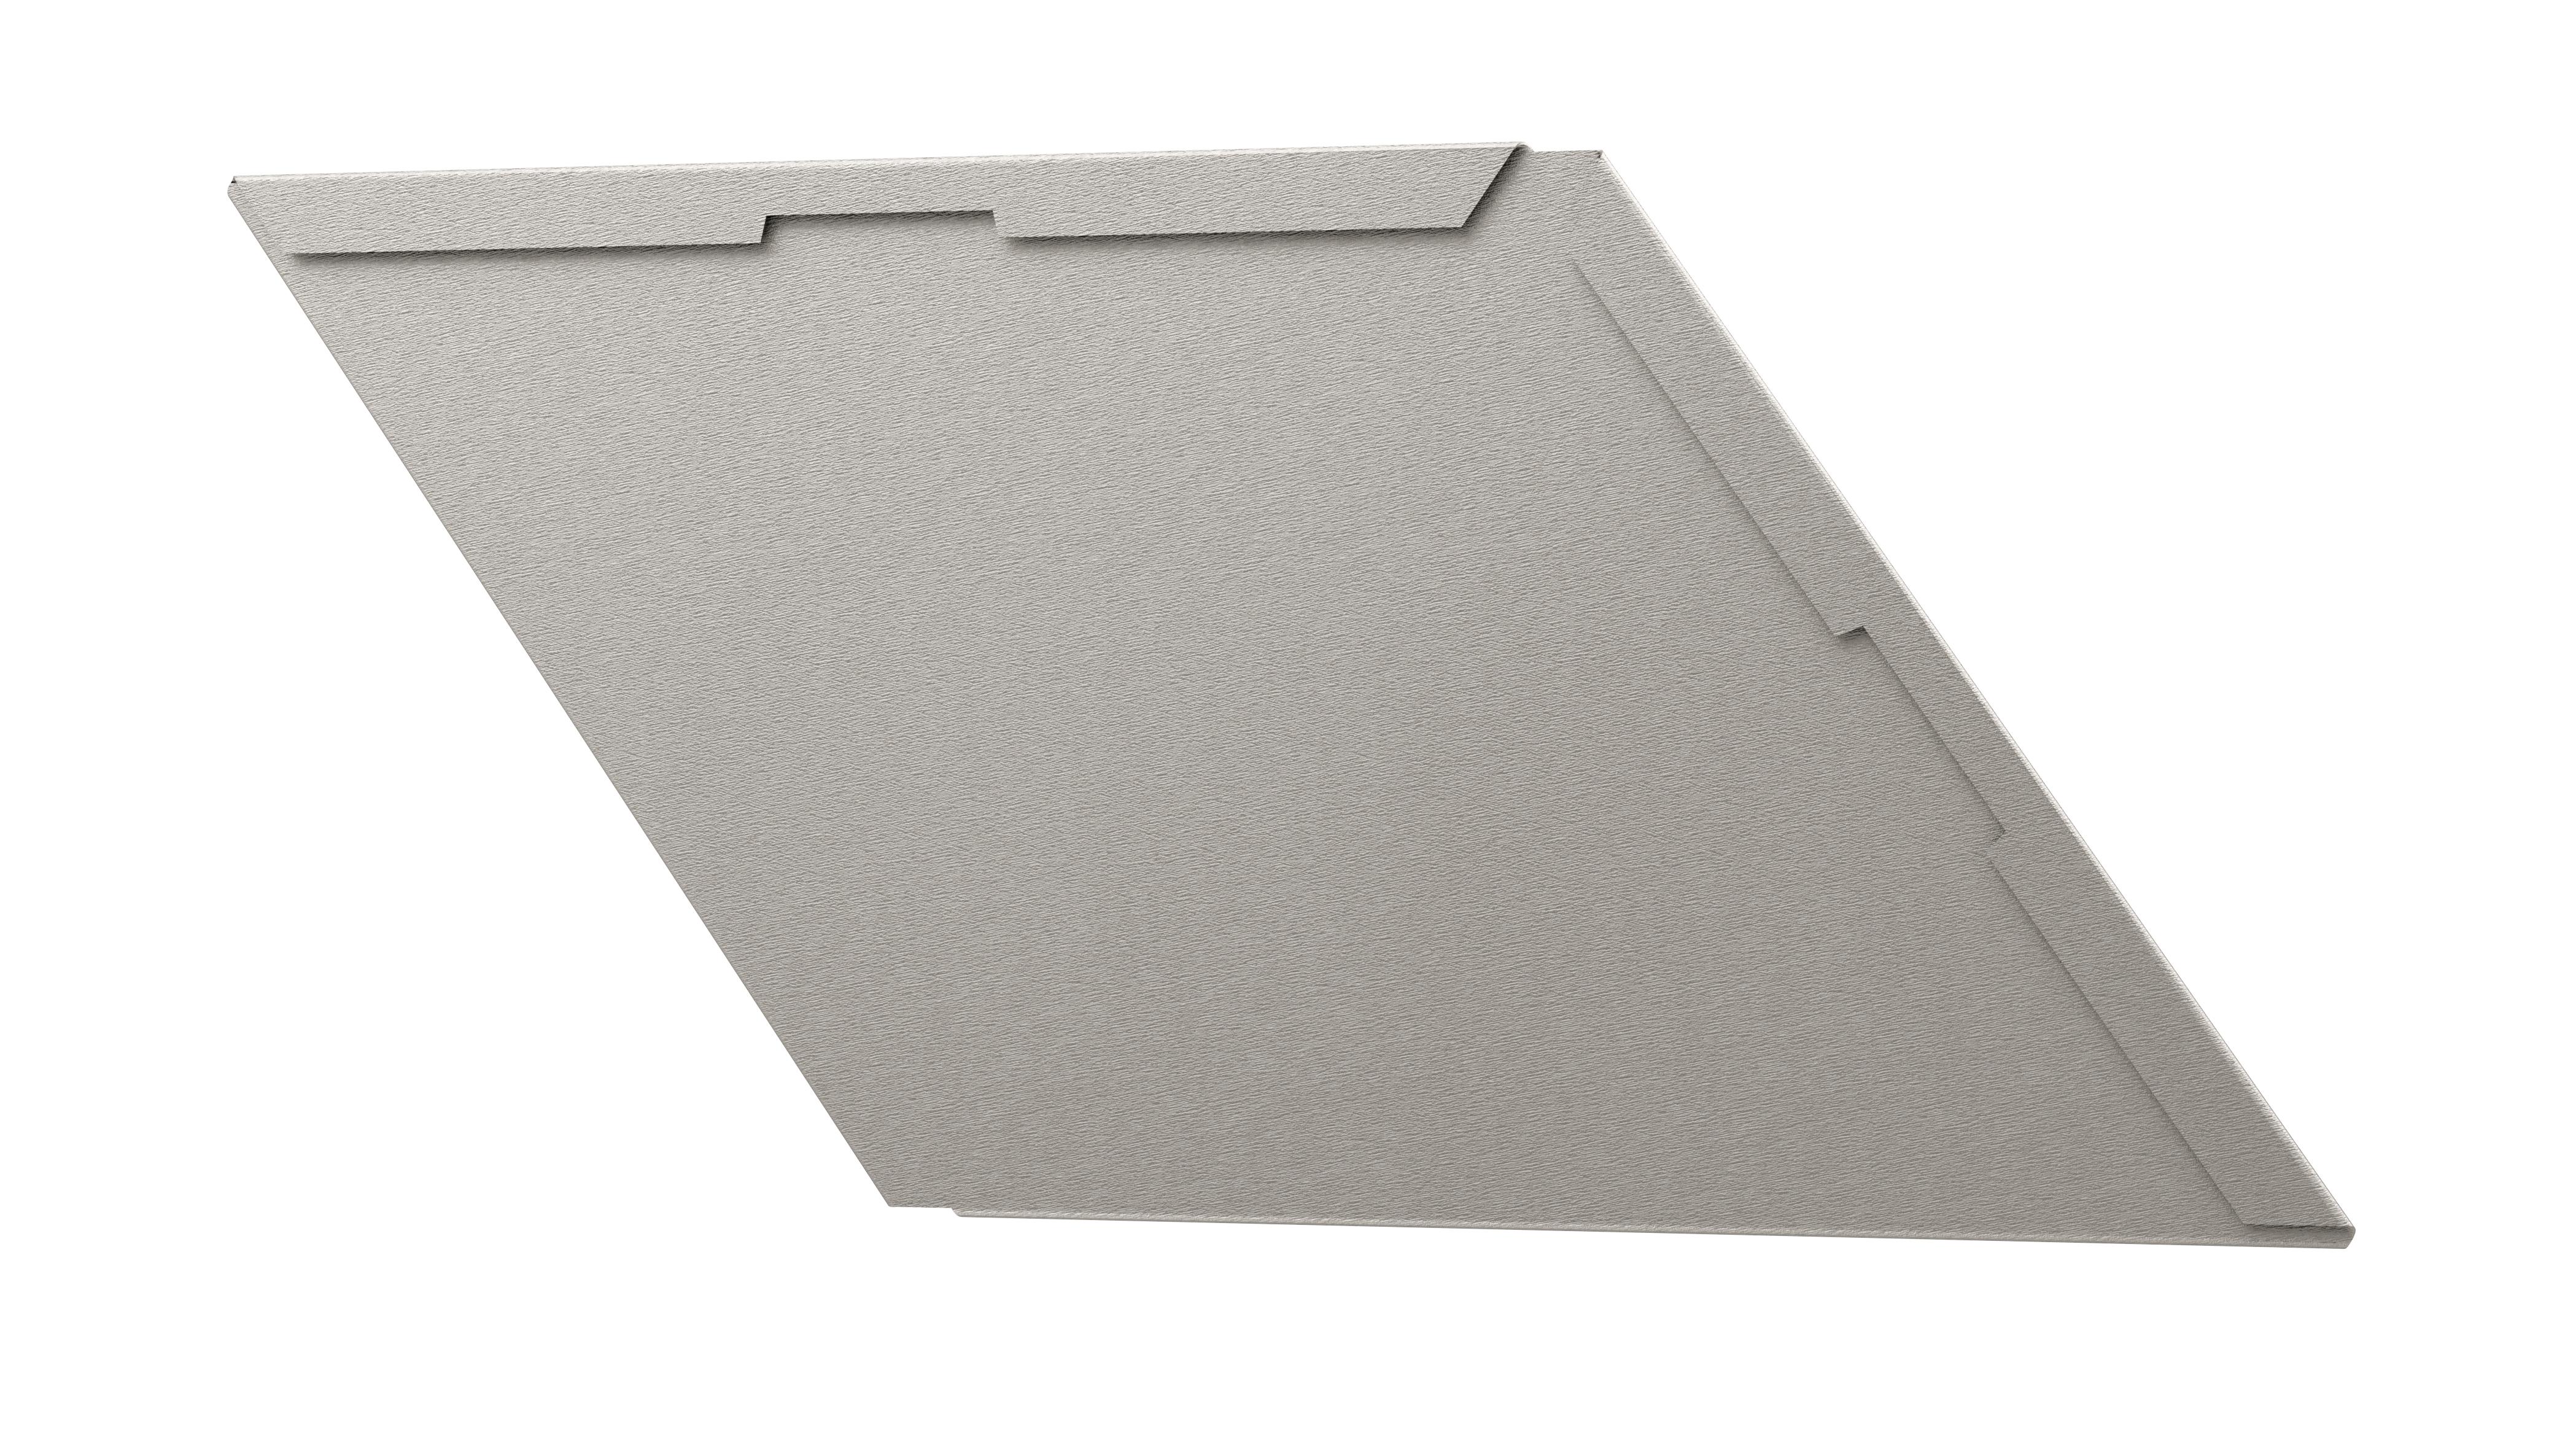 Rhombusschindel für die Fassade in grau, farbig, silber